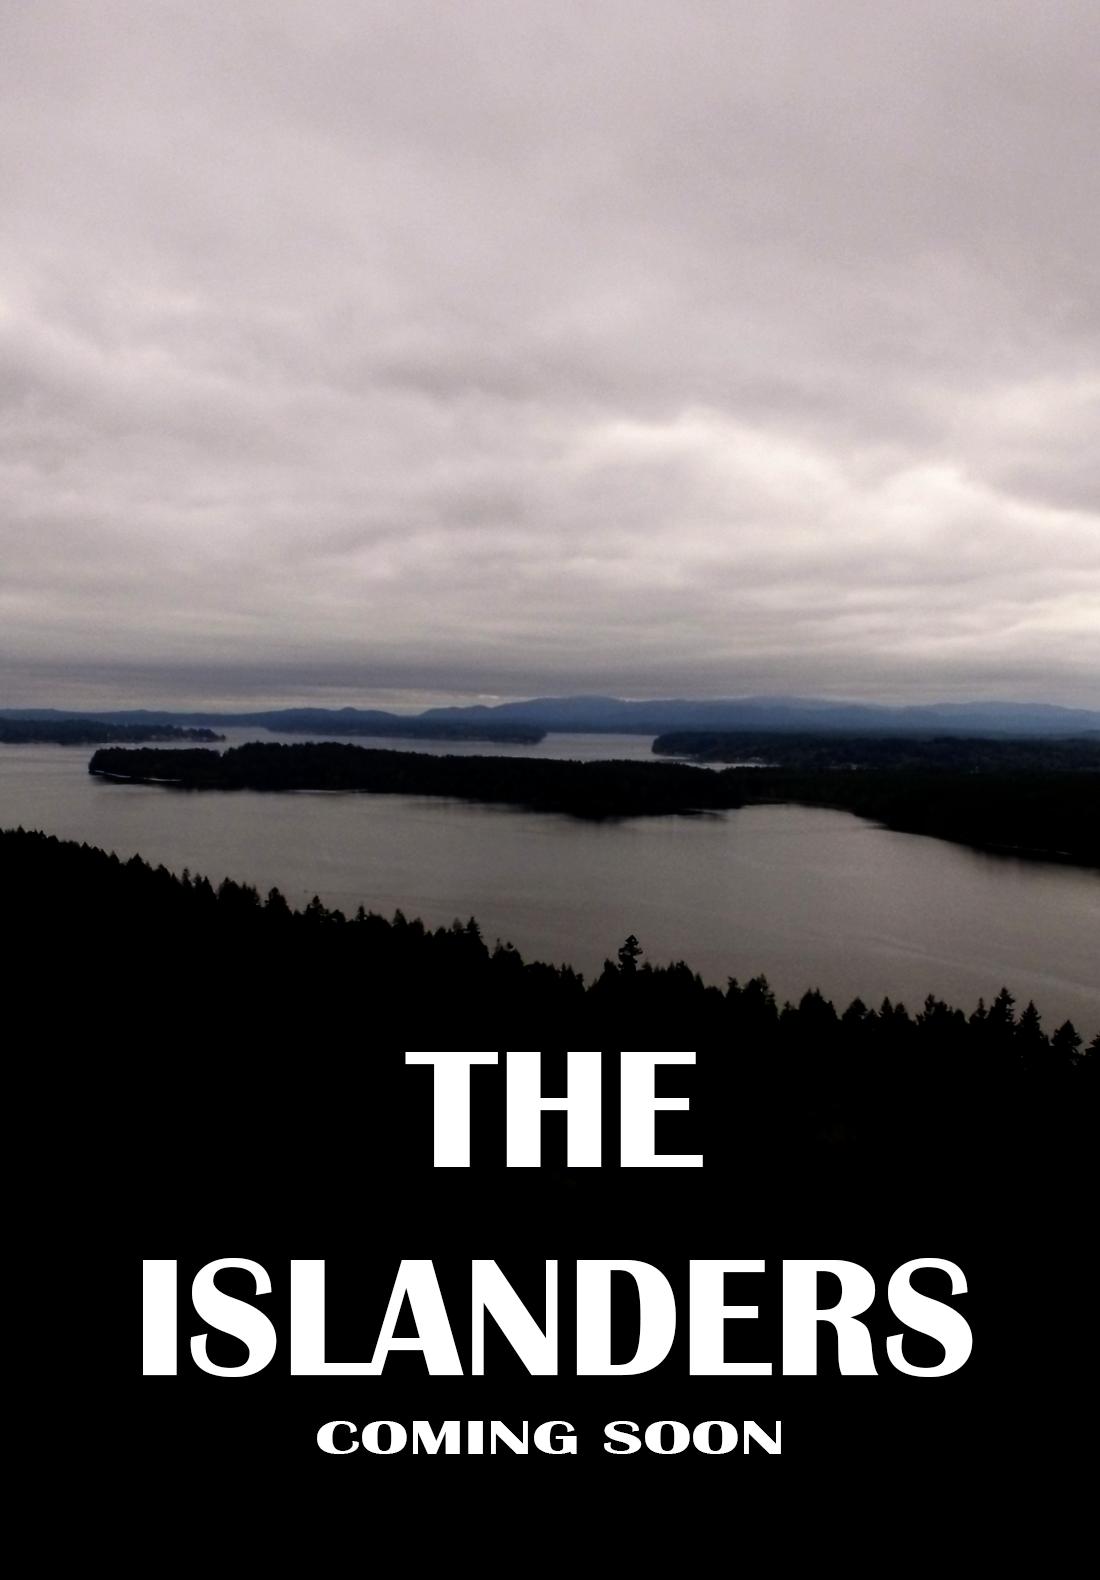 theislanders